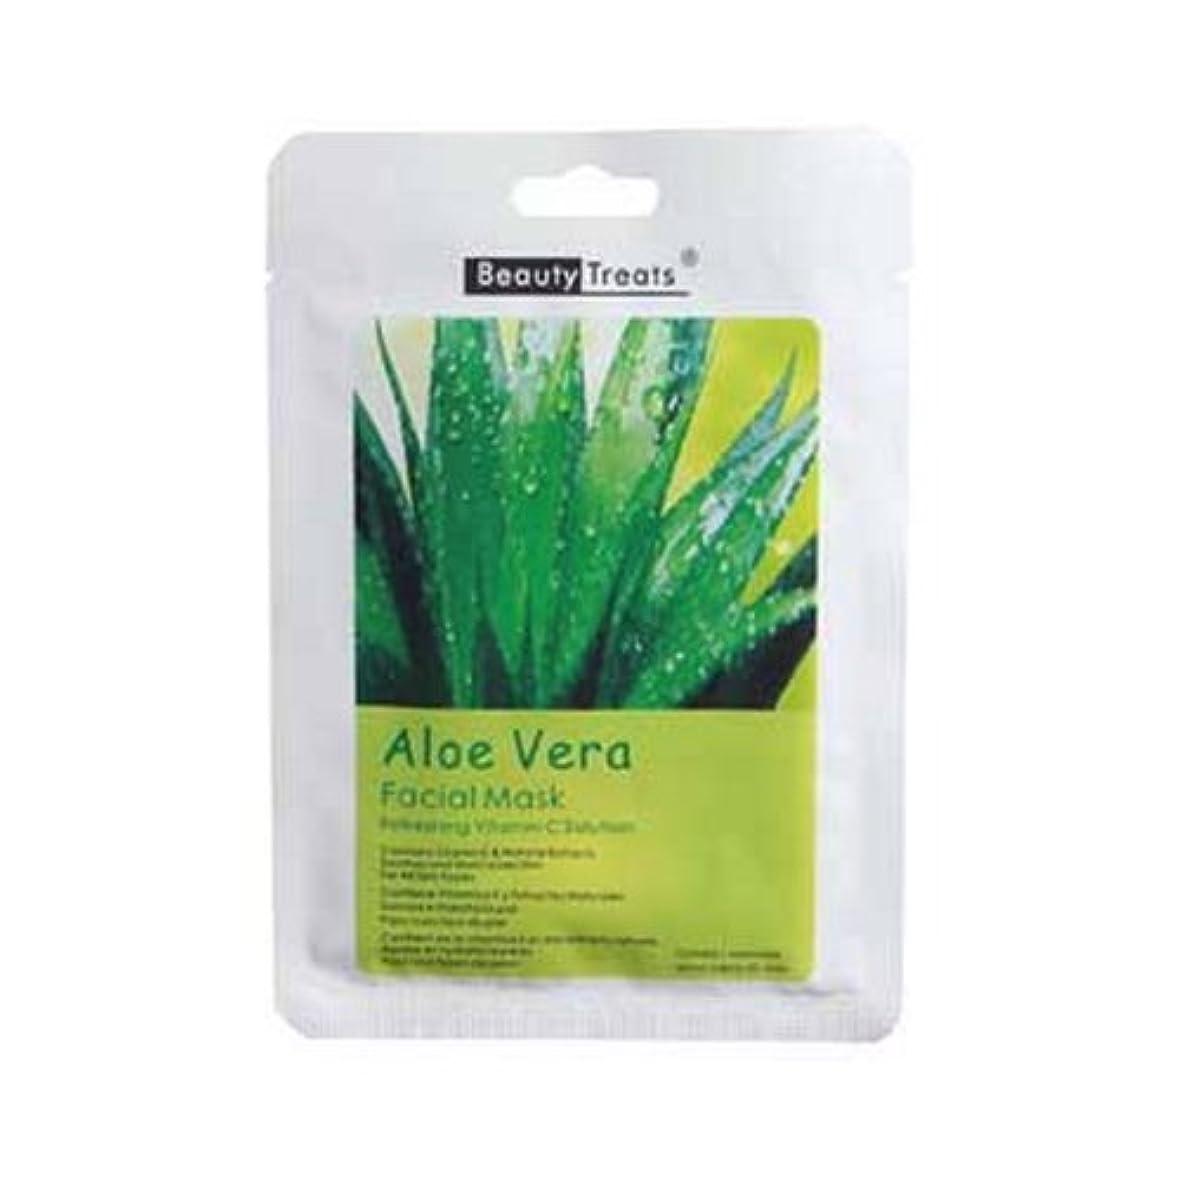 社員高尚な着陸(3 Pack) BEAUTY TREATS Facial Mask Refreshing Vitamin C Solution - Aloe Vera (並行輸入品)